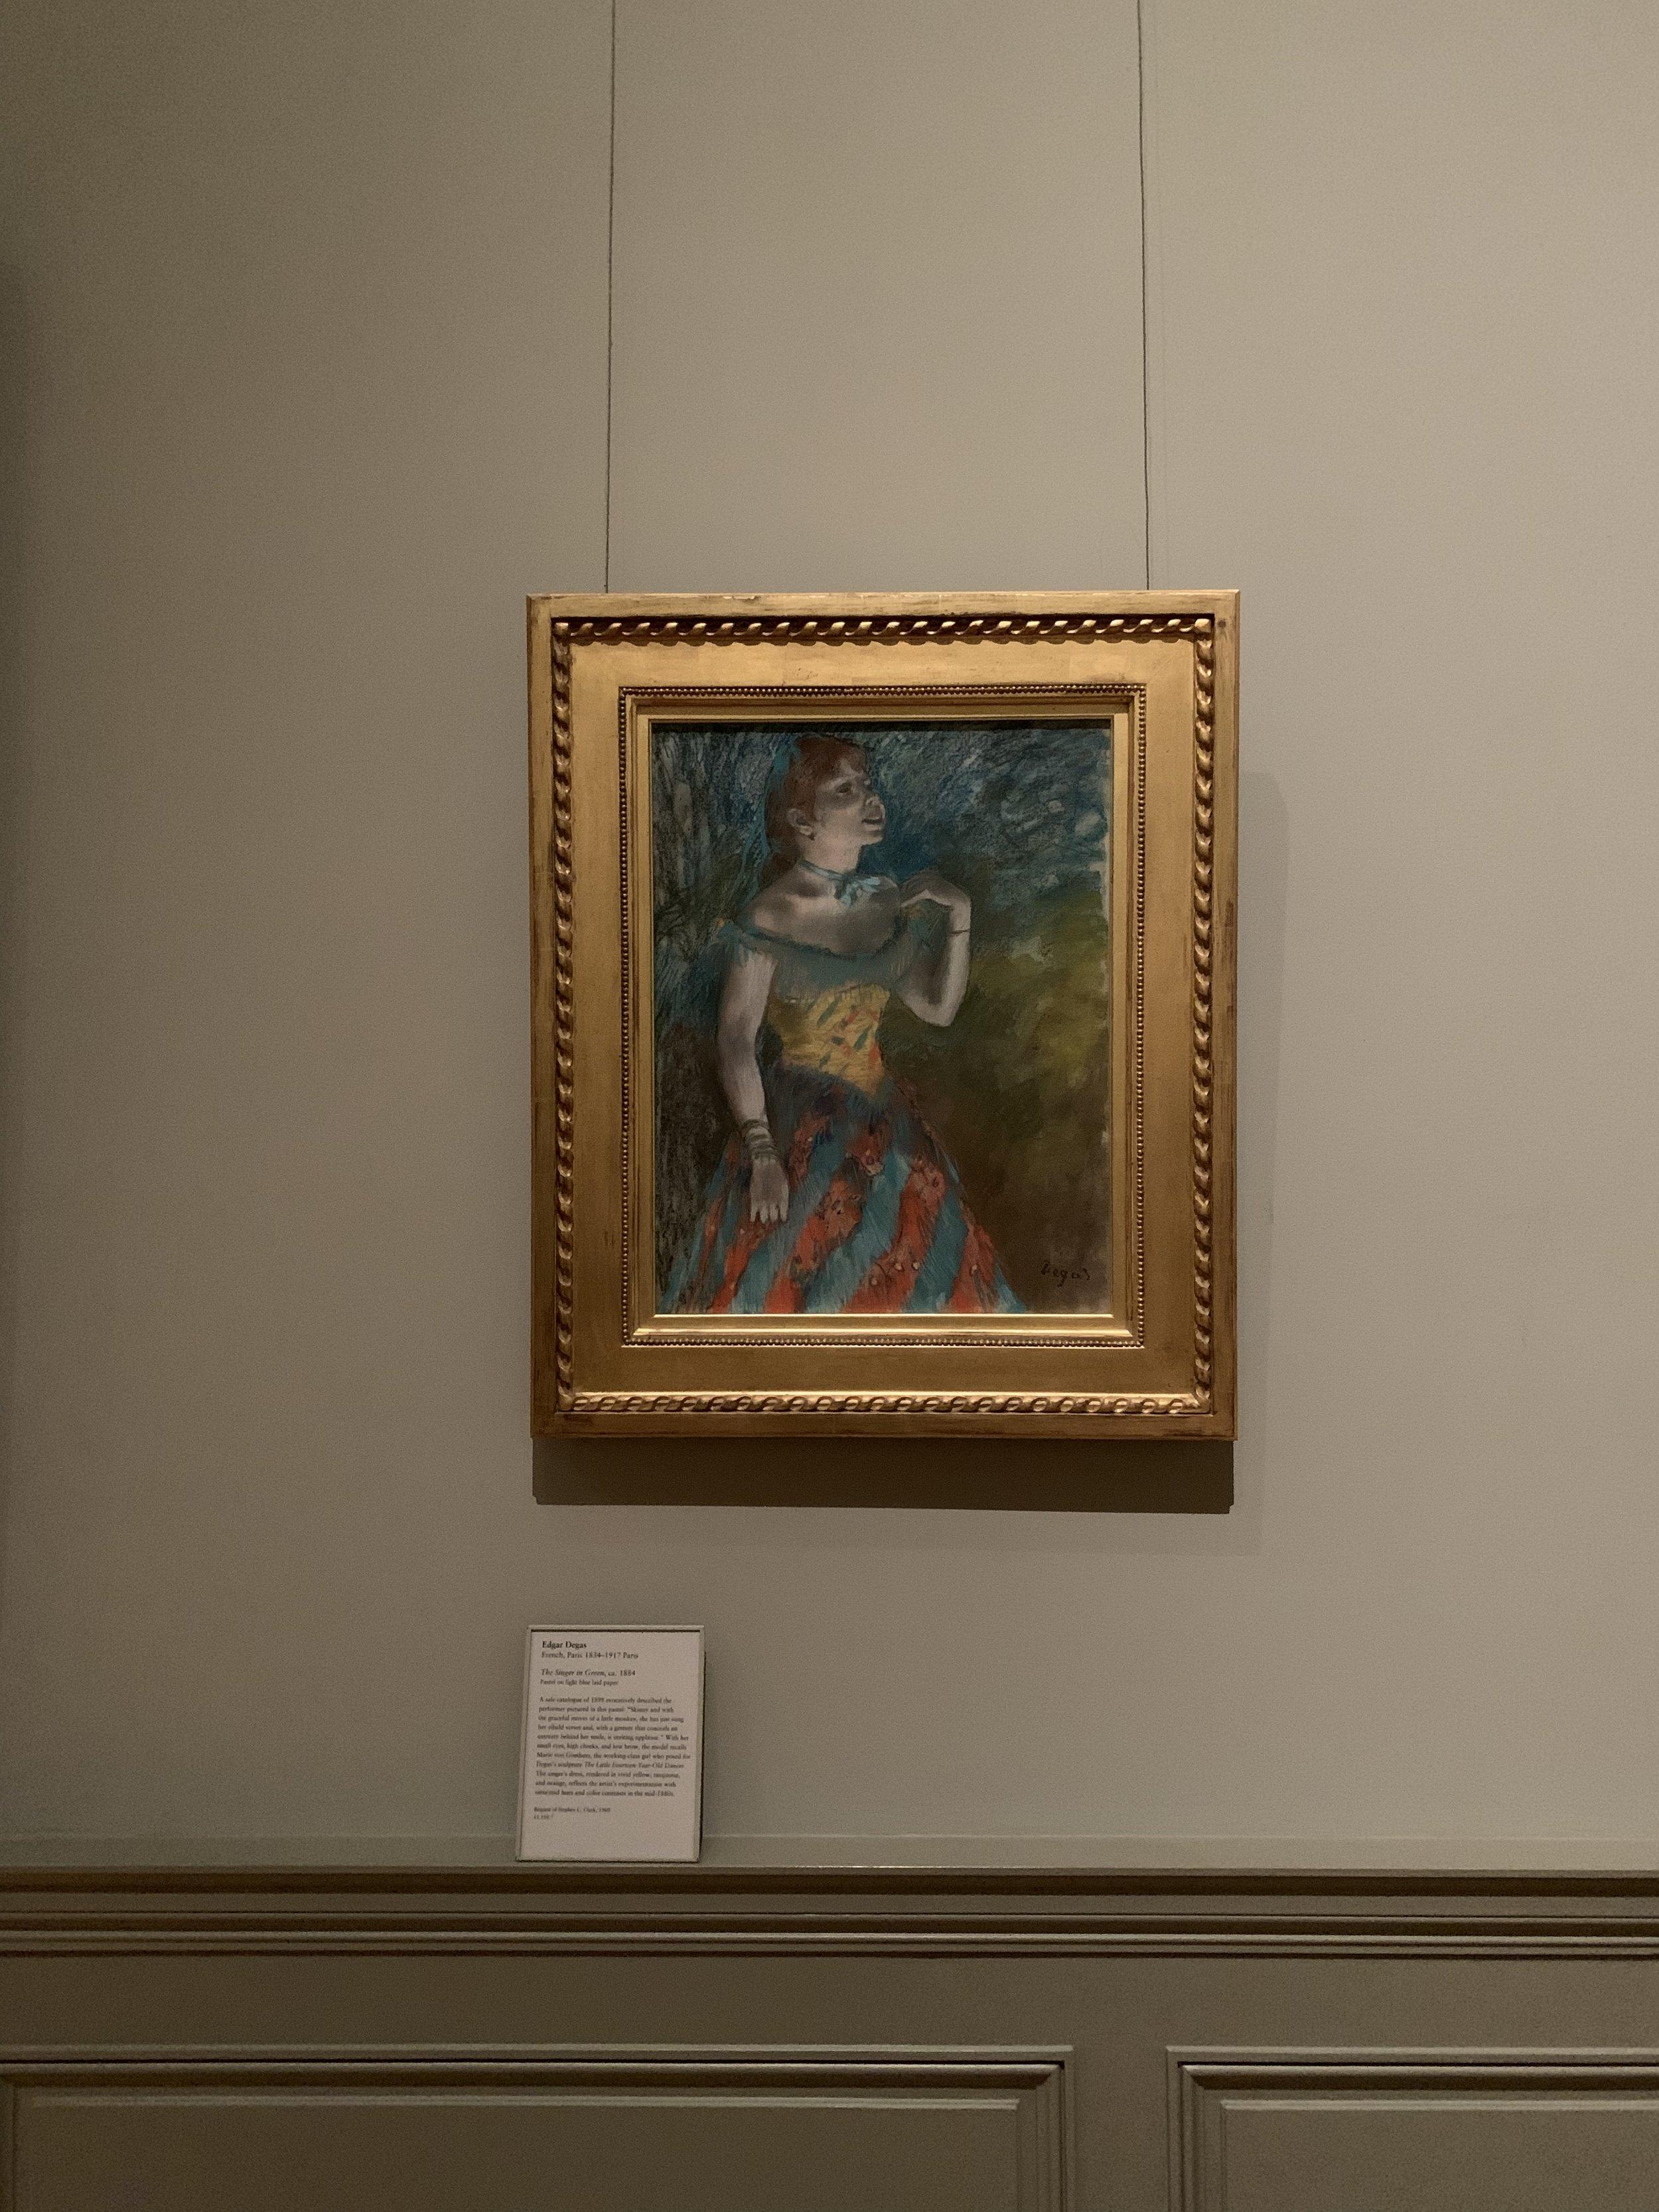 Edgar Degas/ The Singer In Green